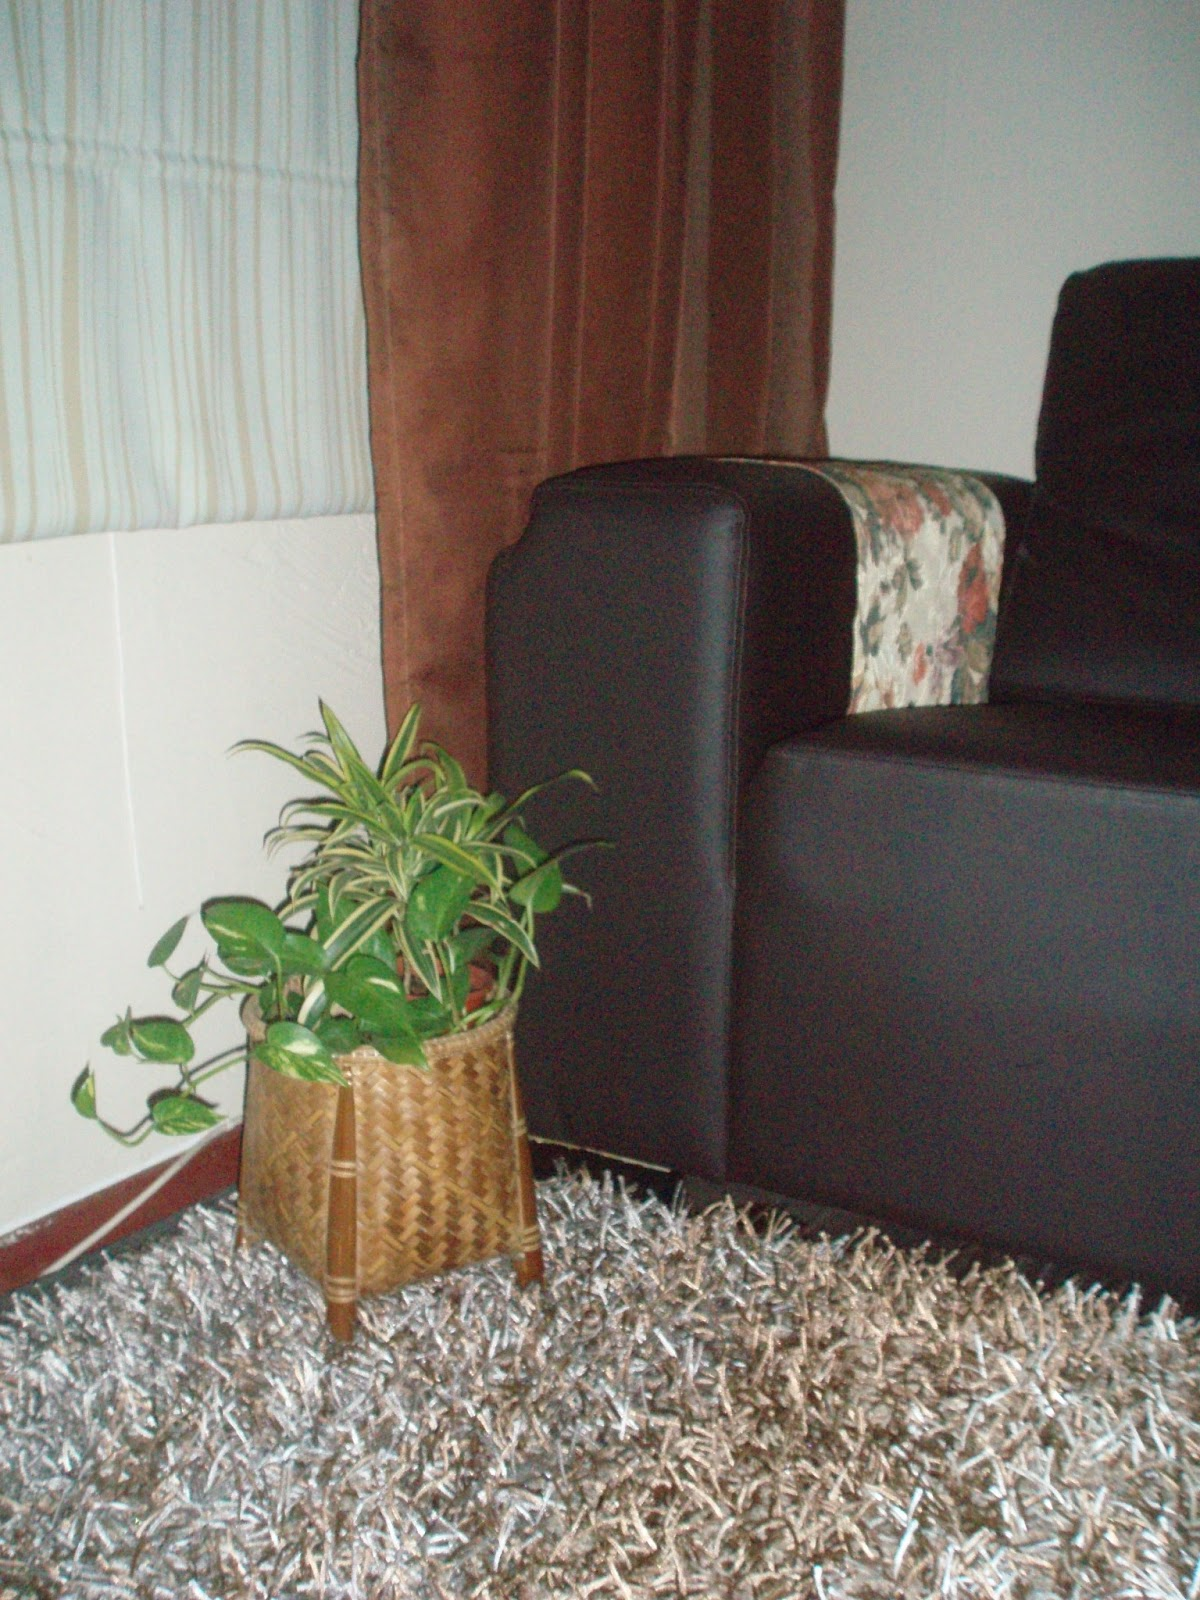 Repair Sofa Cushion Shah Alam Low Back For Bedroom Pindah Rumah From To Semenyih